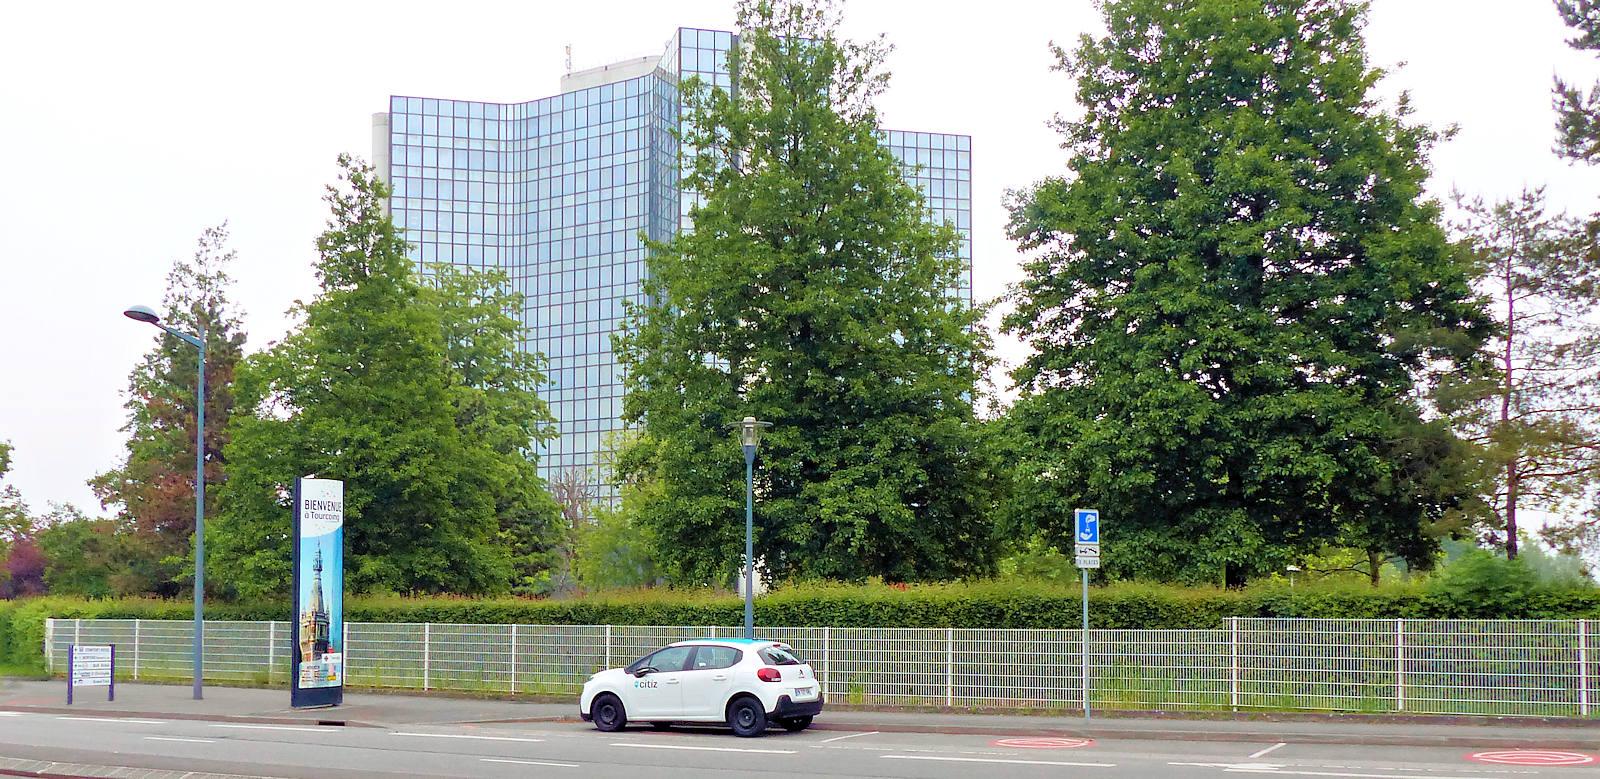 Station Union Mercure - Autopartage Citiz, Tourcoing